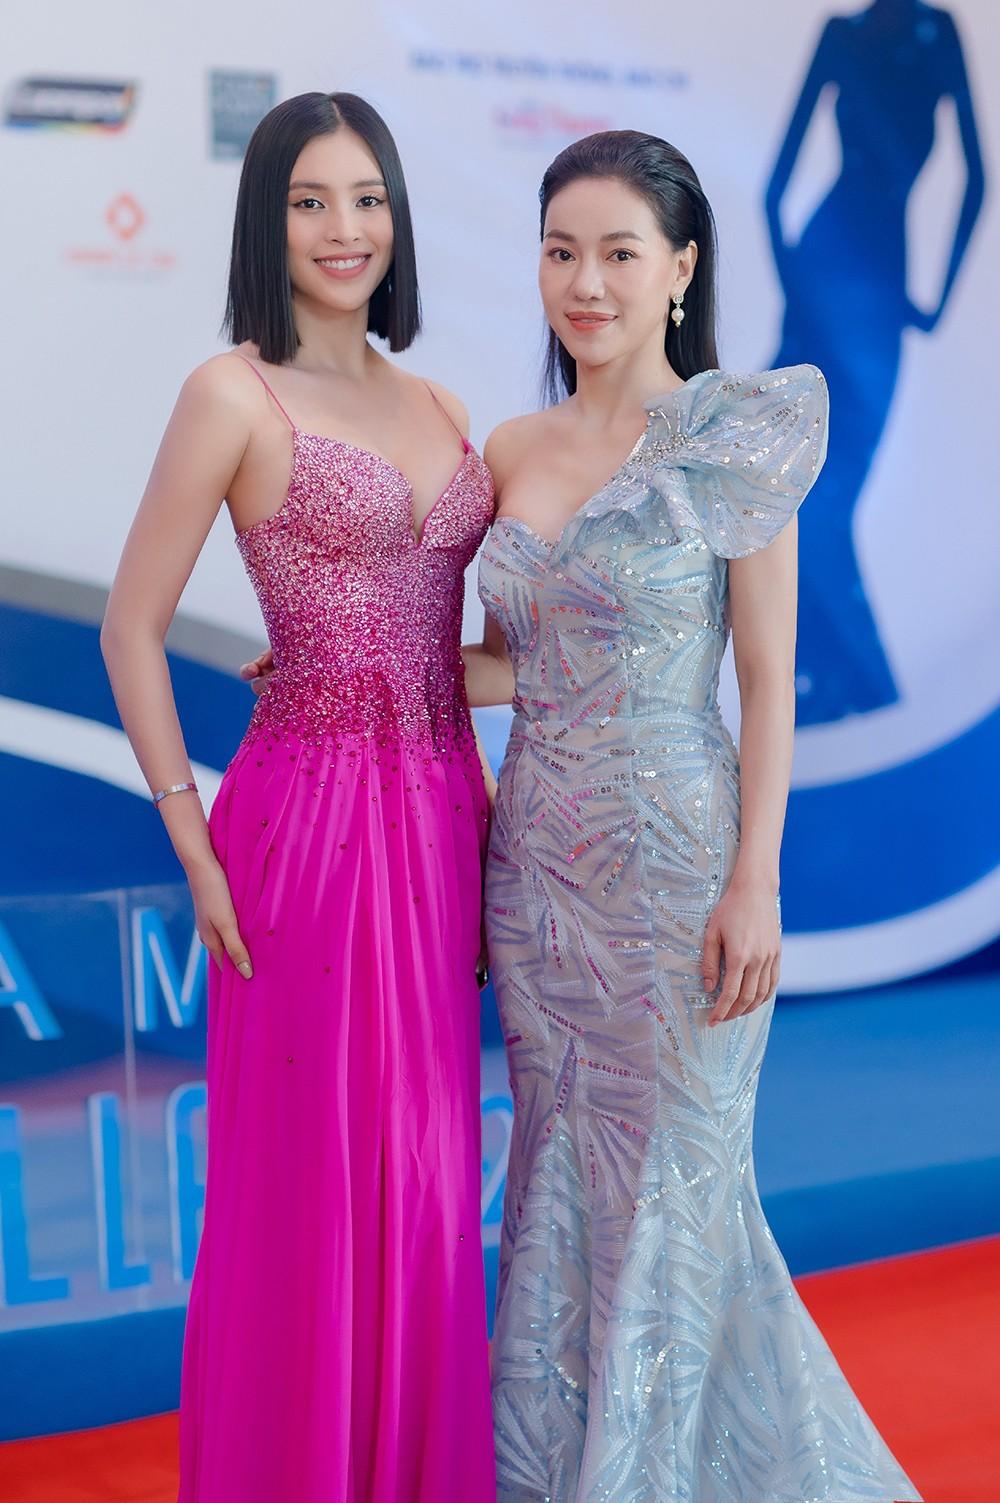 'Đụng' váy dạ hội xẻ táo bạo với Hoàng Thùy, Tiểu Vy vẫn ghi điểm bởi body nóng bỏng ảnh 6